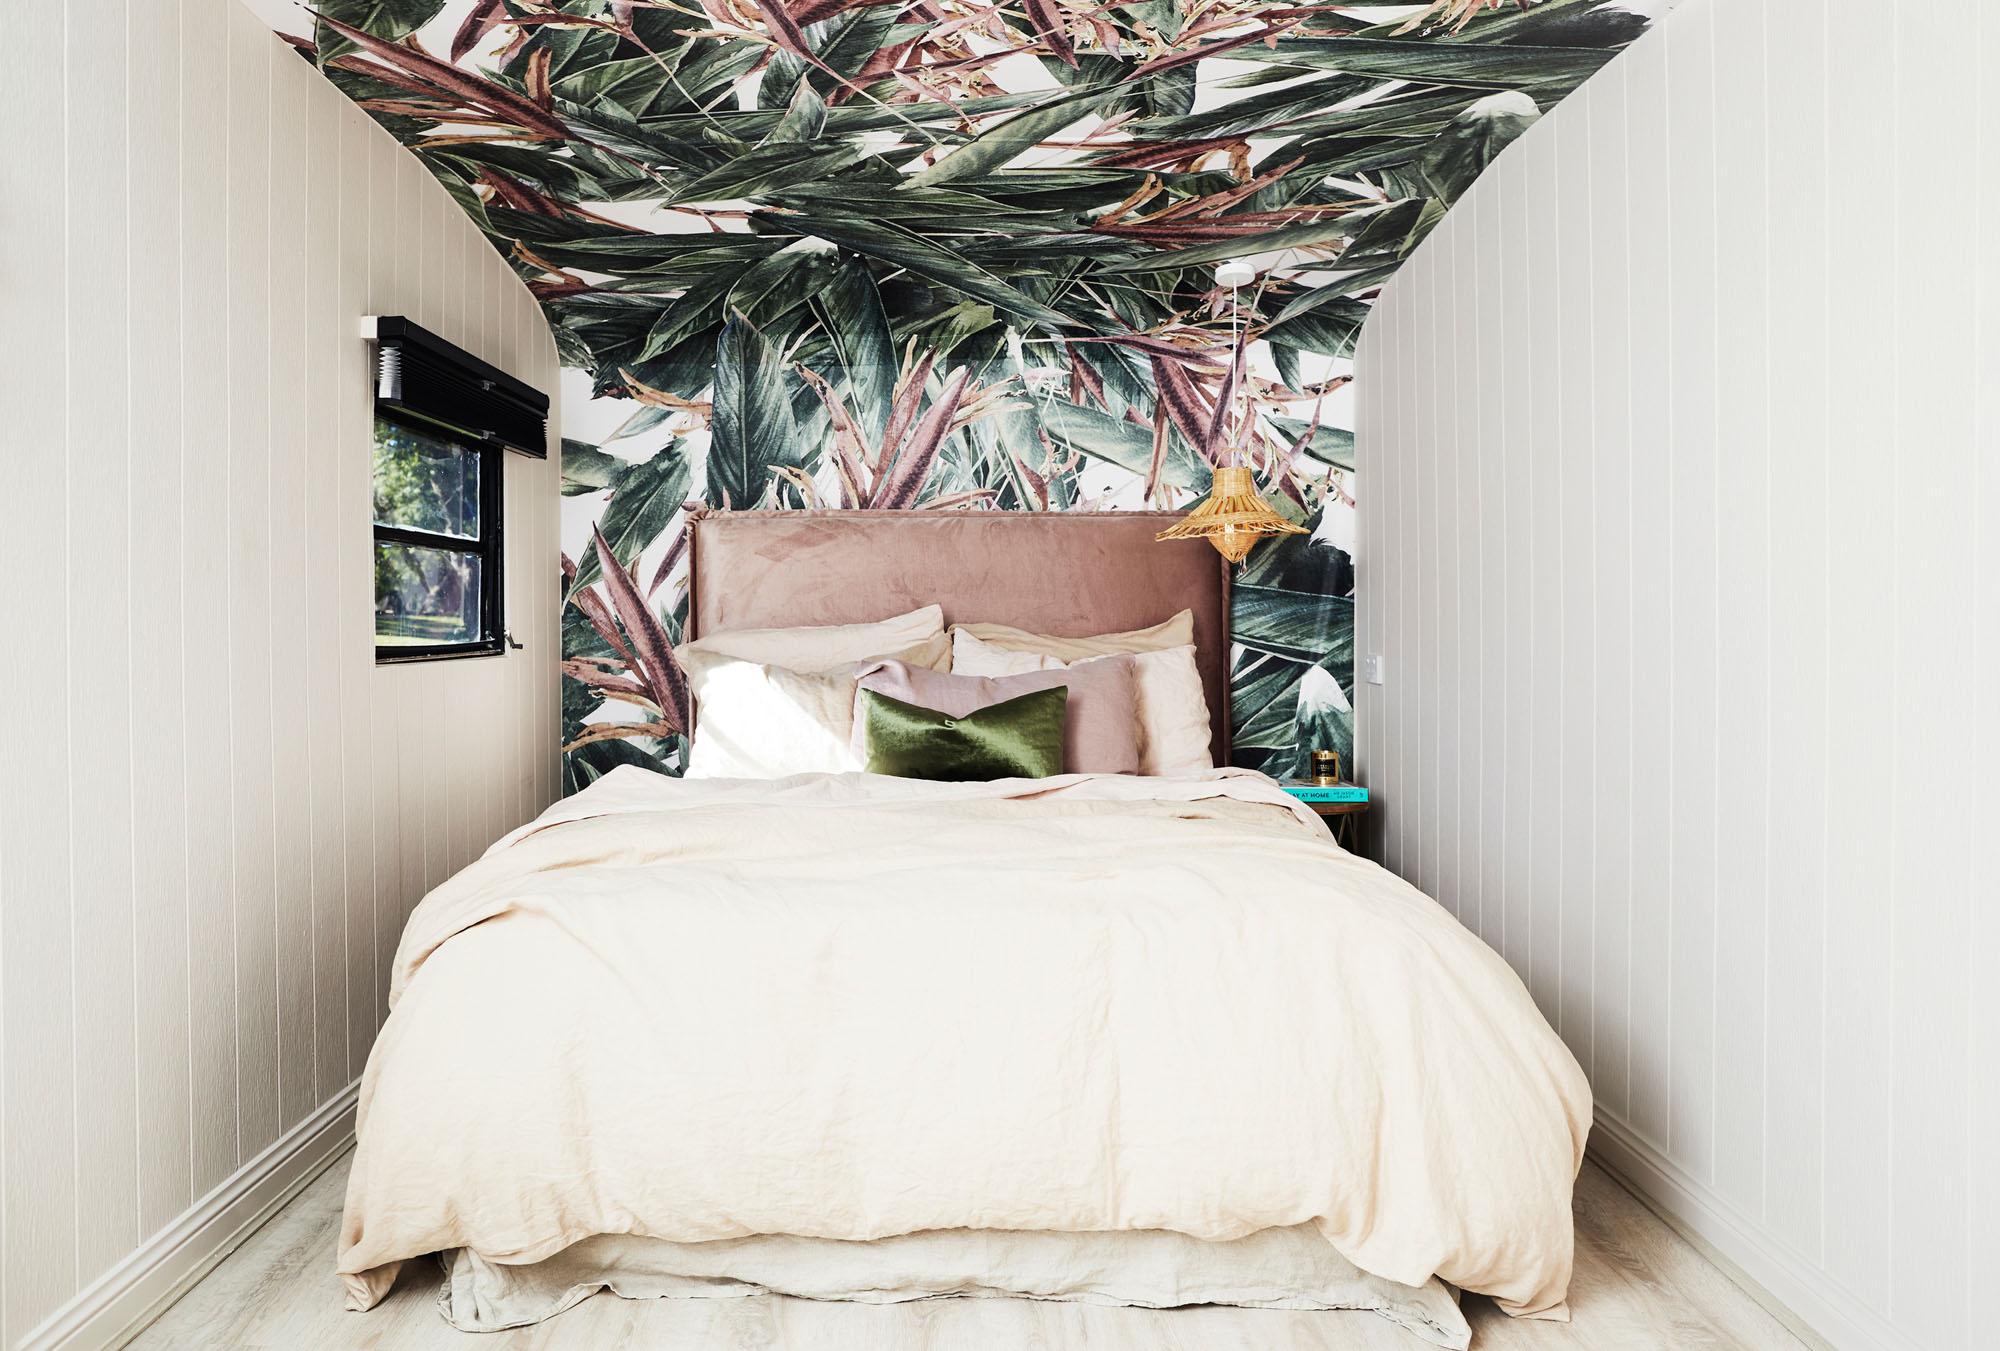 Wallpaper, Bedroom